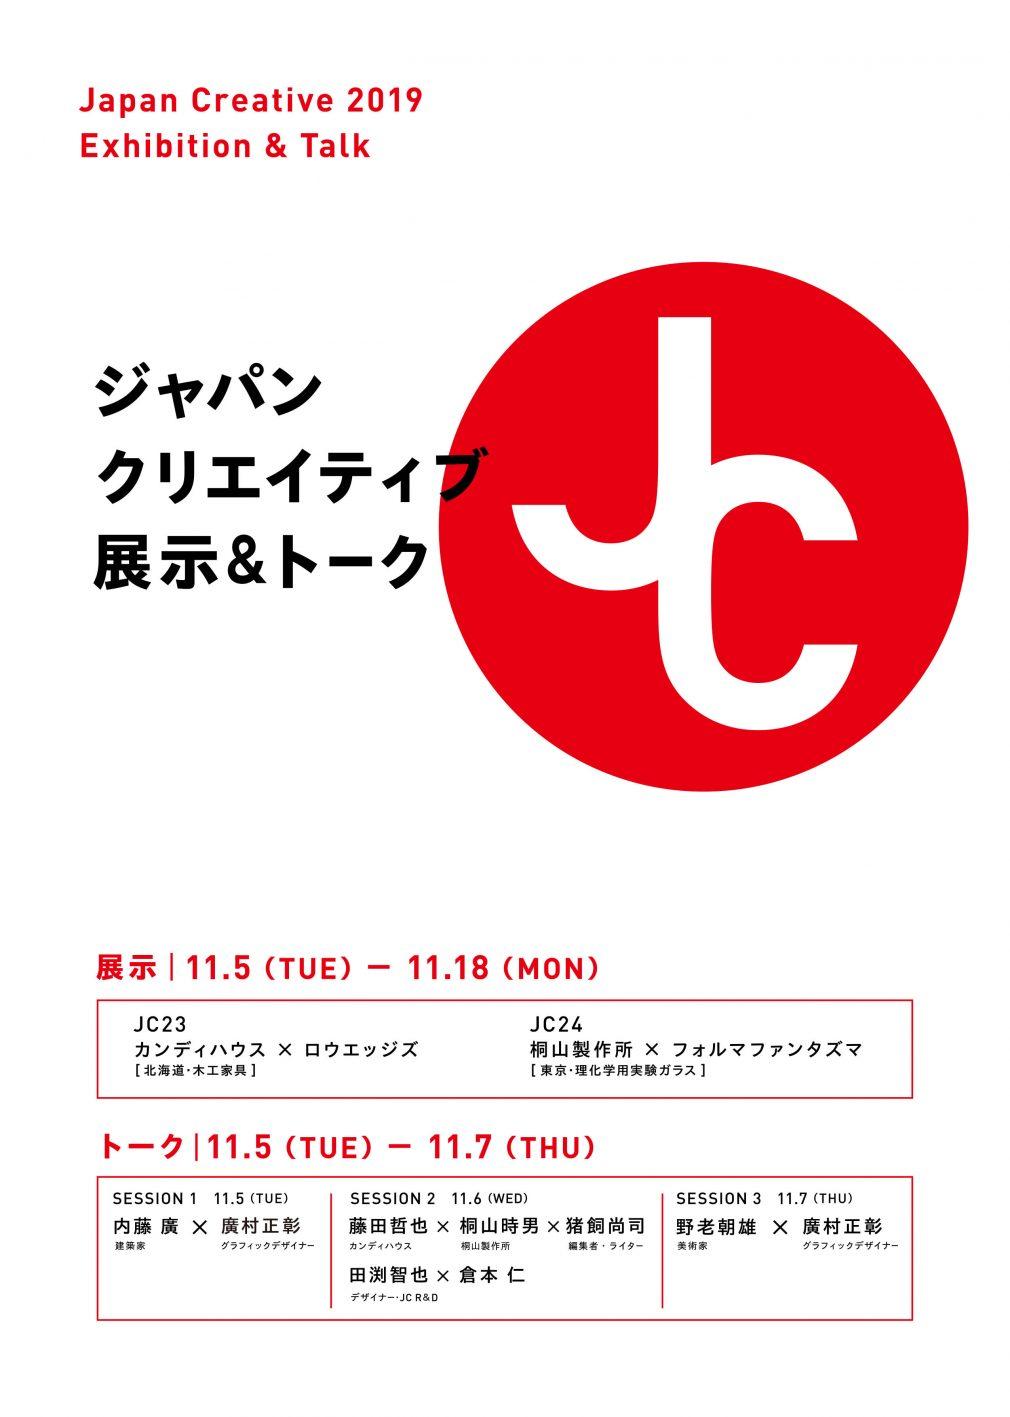 「ジャパンクリエイティブ」2019 展示&トーク